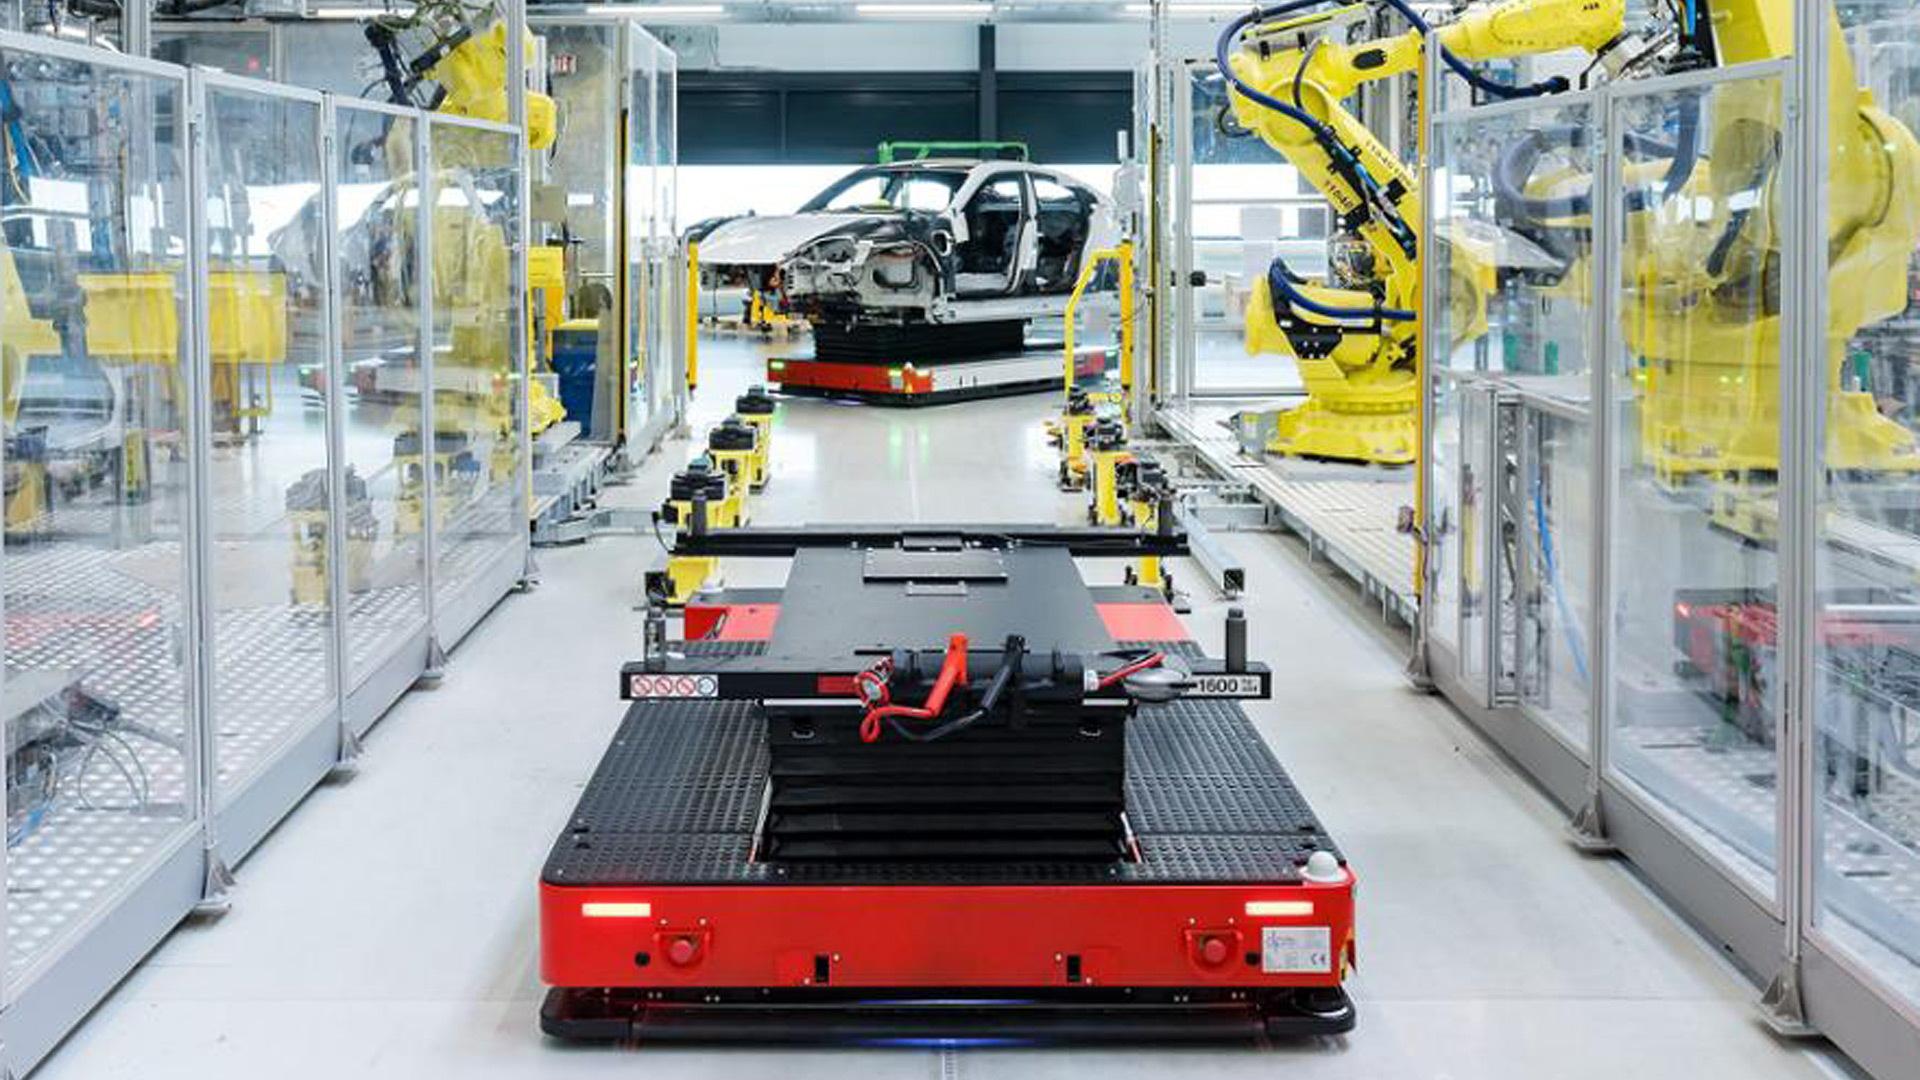 Porsche Taycan production in Zuffenhausen, Germany